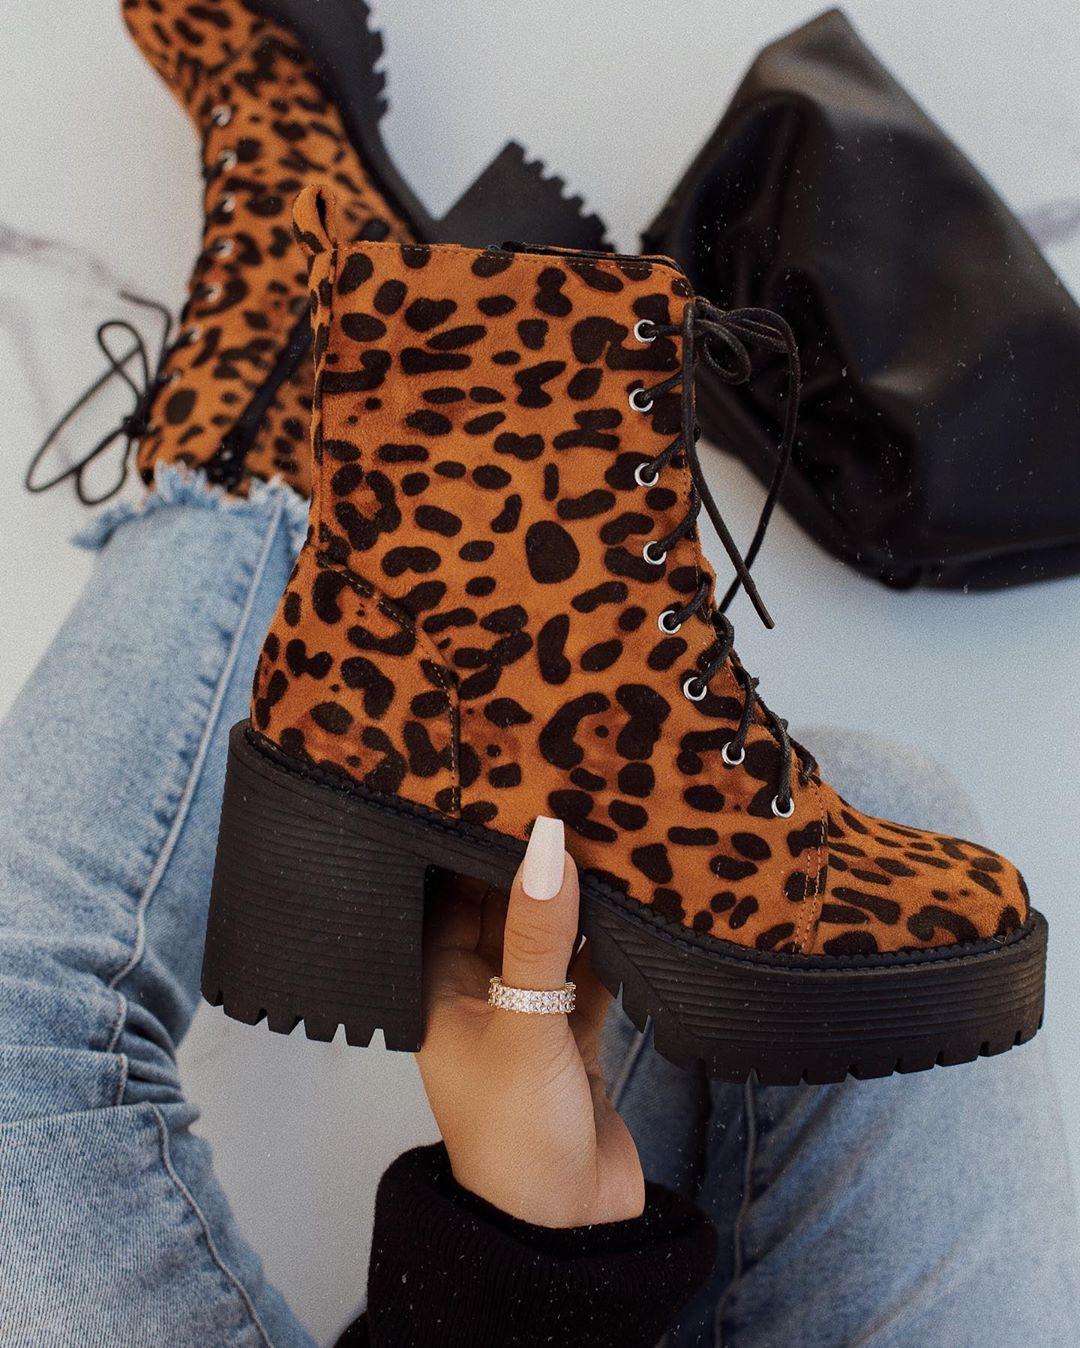 Зимние ботинки 2020 фото 10